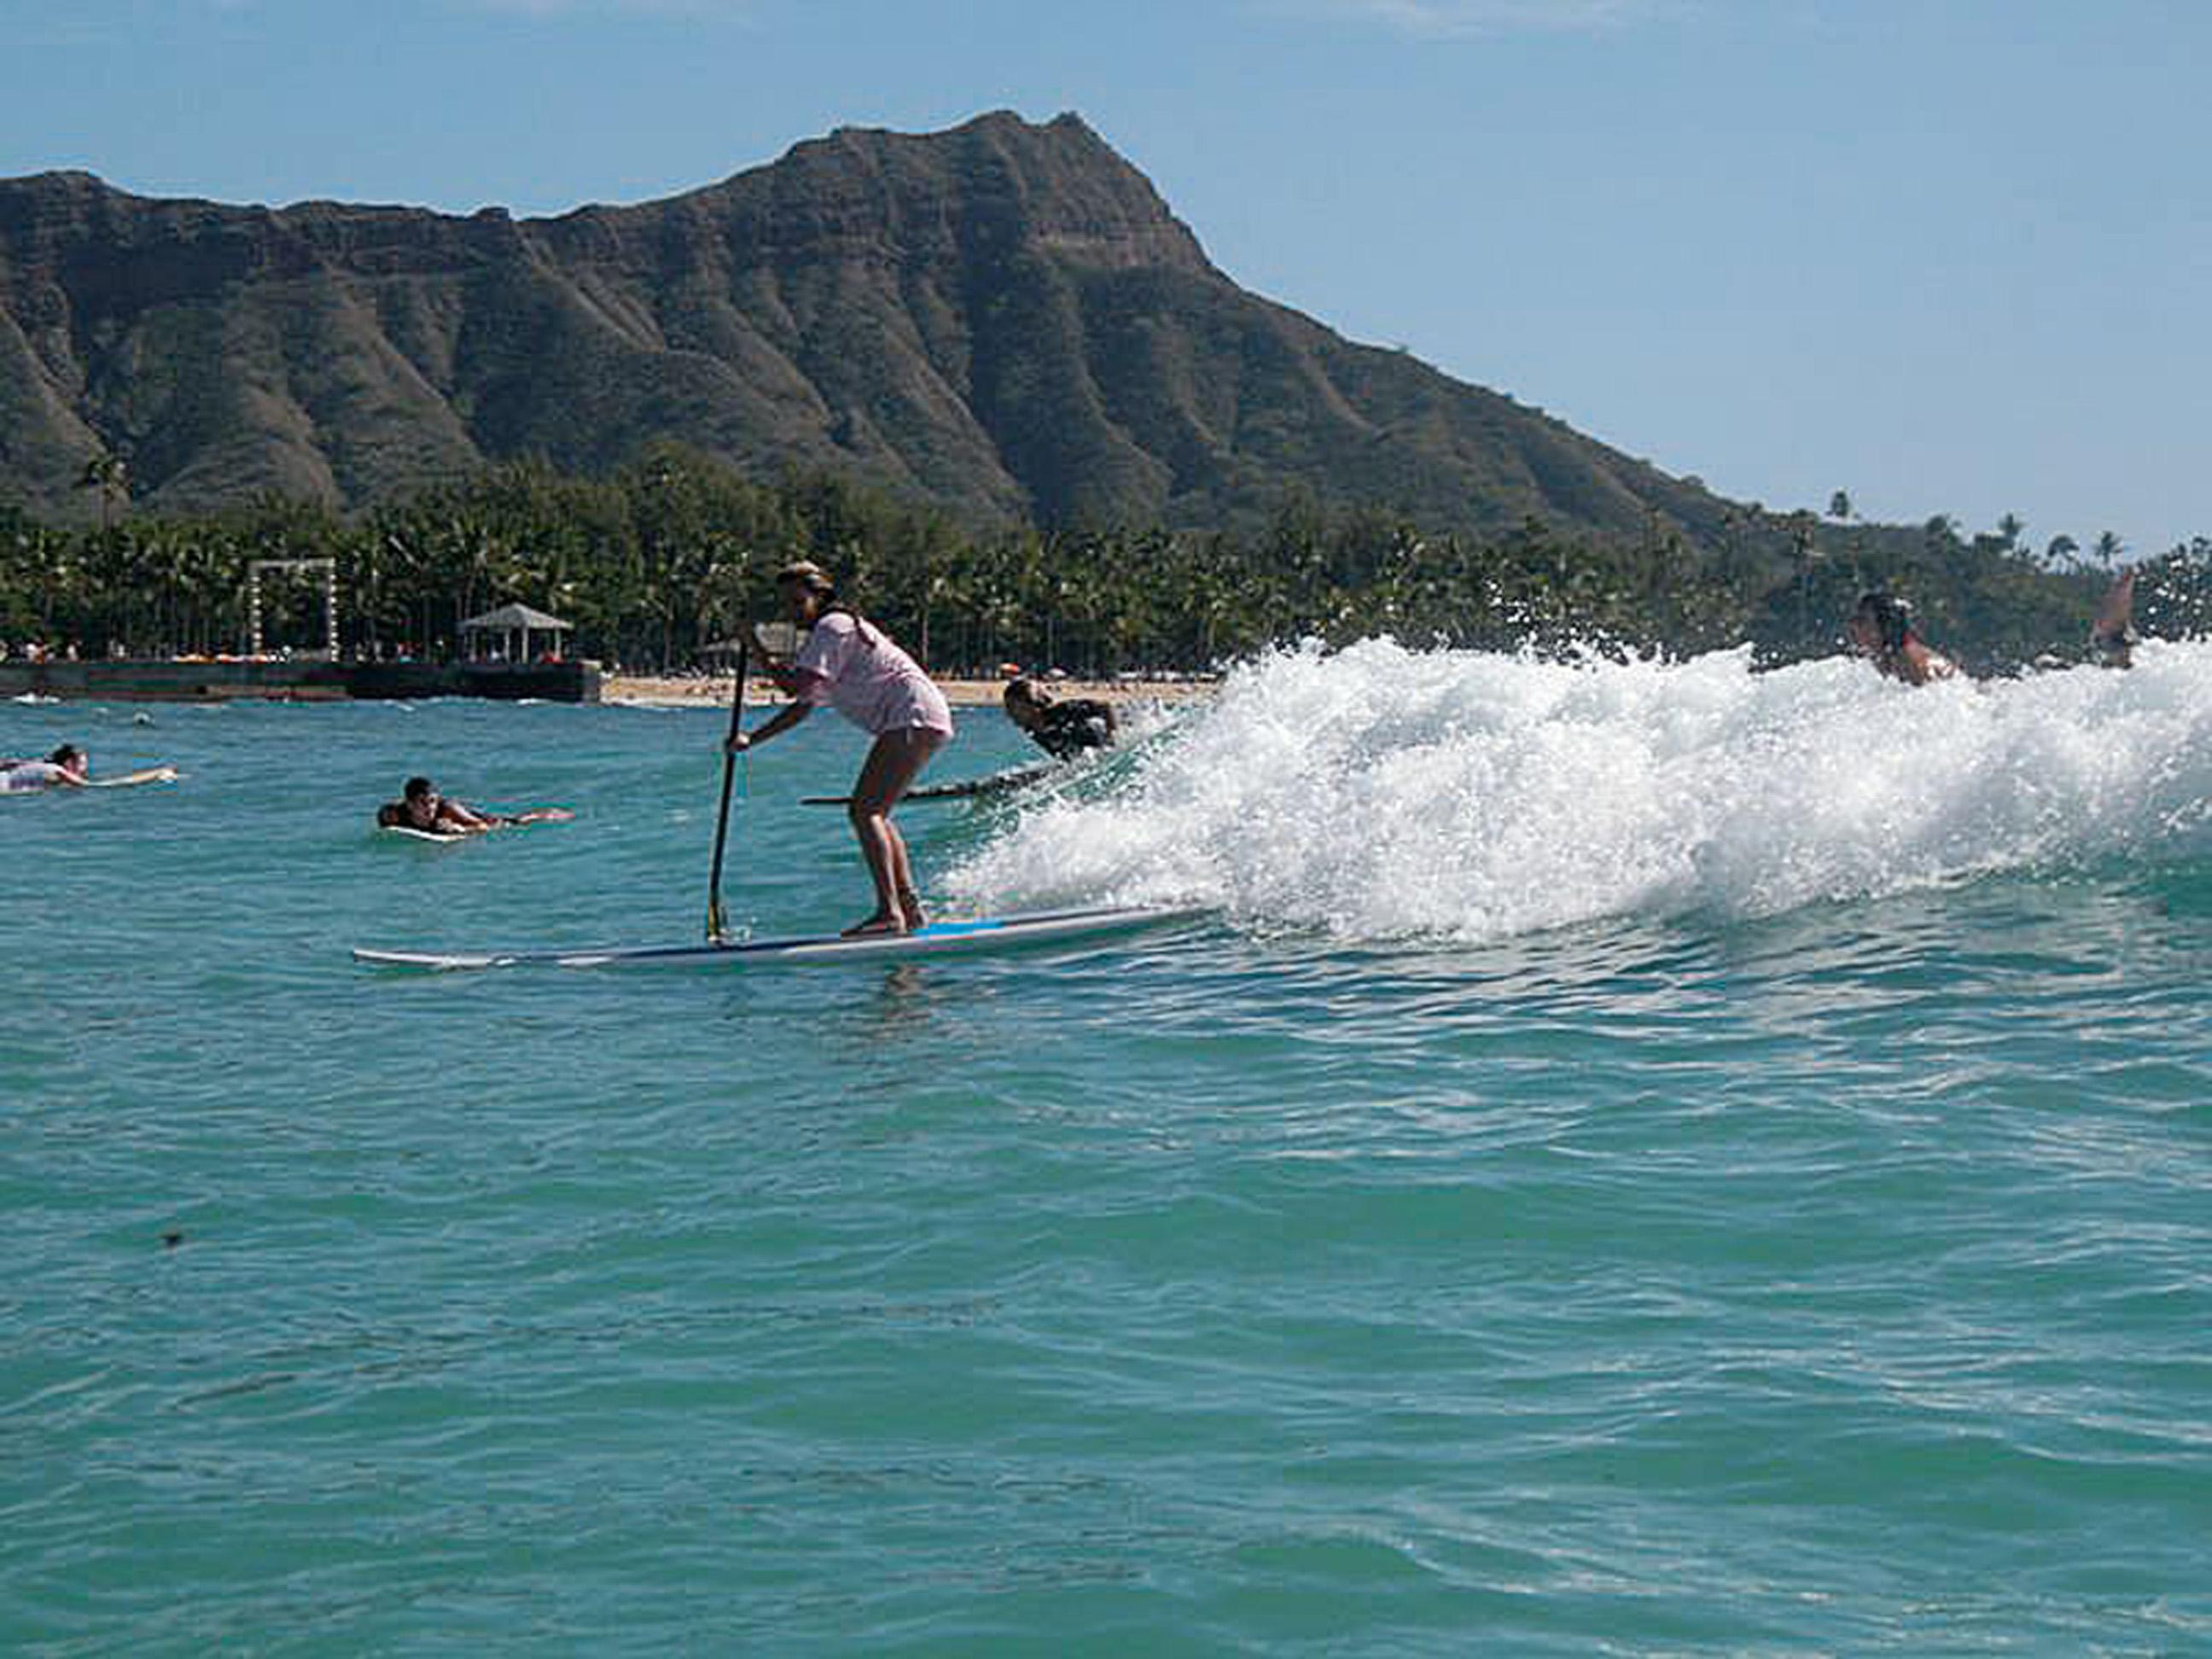 Havaí: Por que ir? É o lugar que mais amo. Bem completo, com praias para surfistas e não surfistas, museus, shoppings. Gente de tudo o que é idade aproveita.  Aonde ir? Haleiwa é uma praia em que quase todo mundo consegue pegar onda. Lá também fica o restaurante Haleiwa Joe's, imperdível para comer frutos do mar.